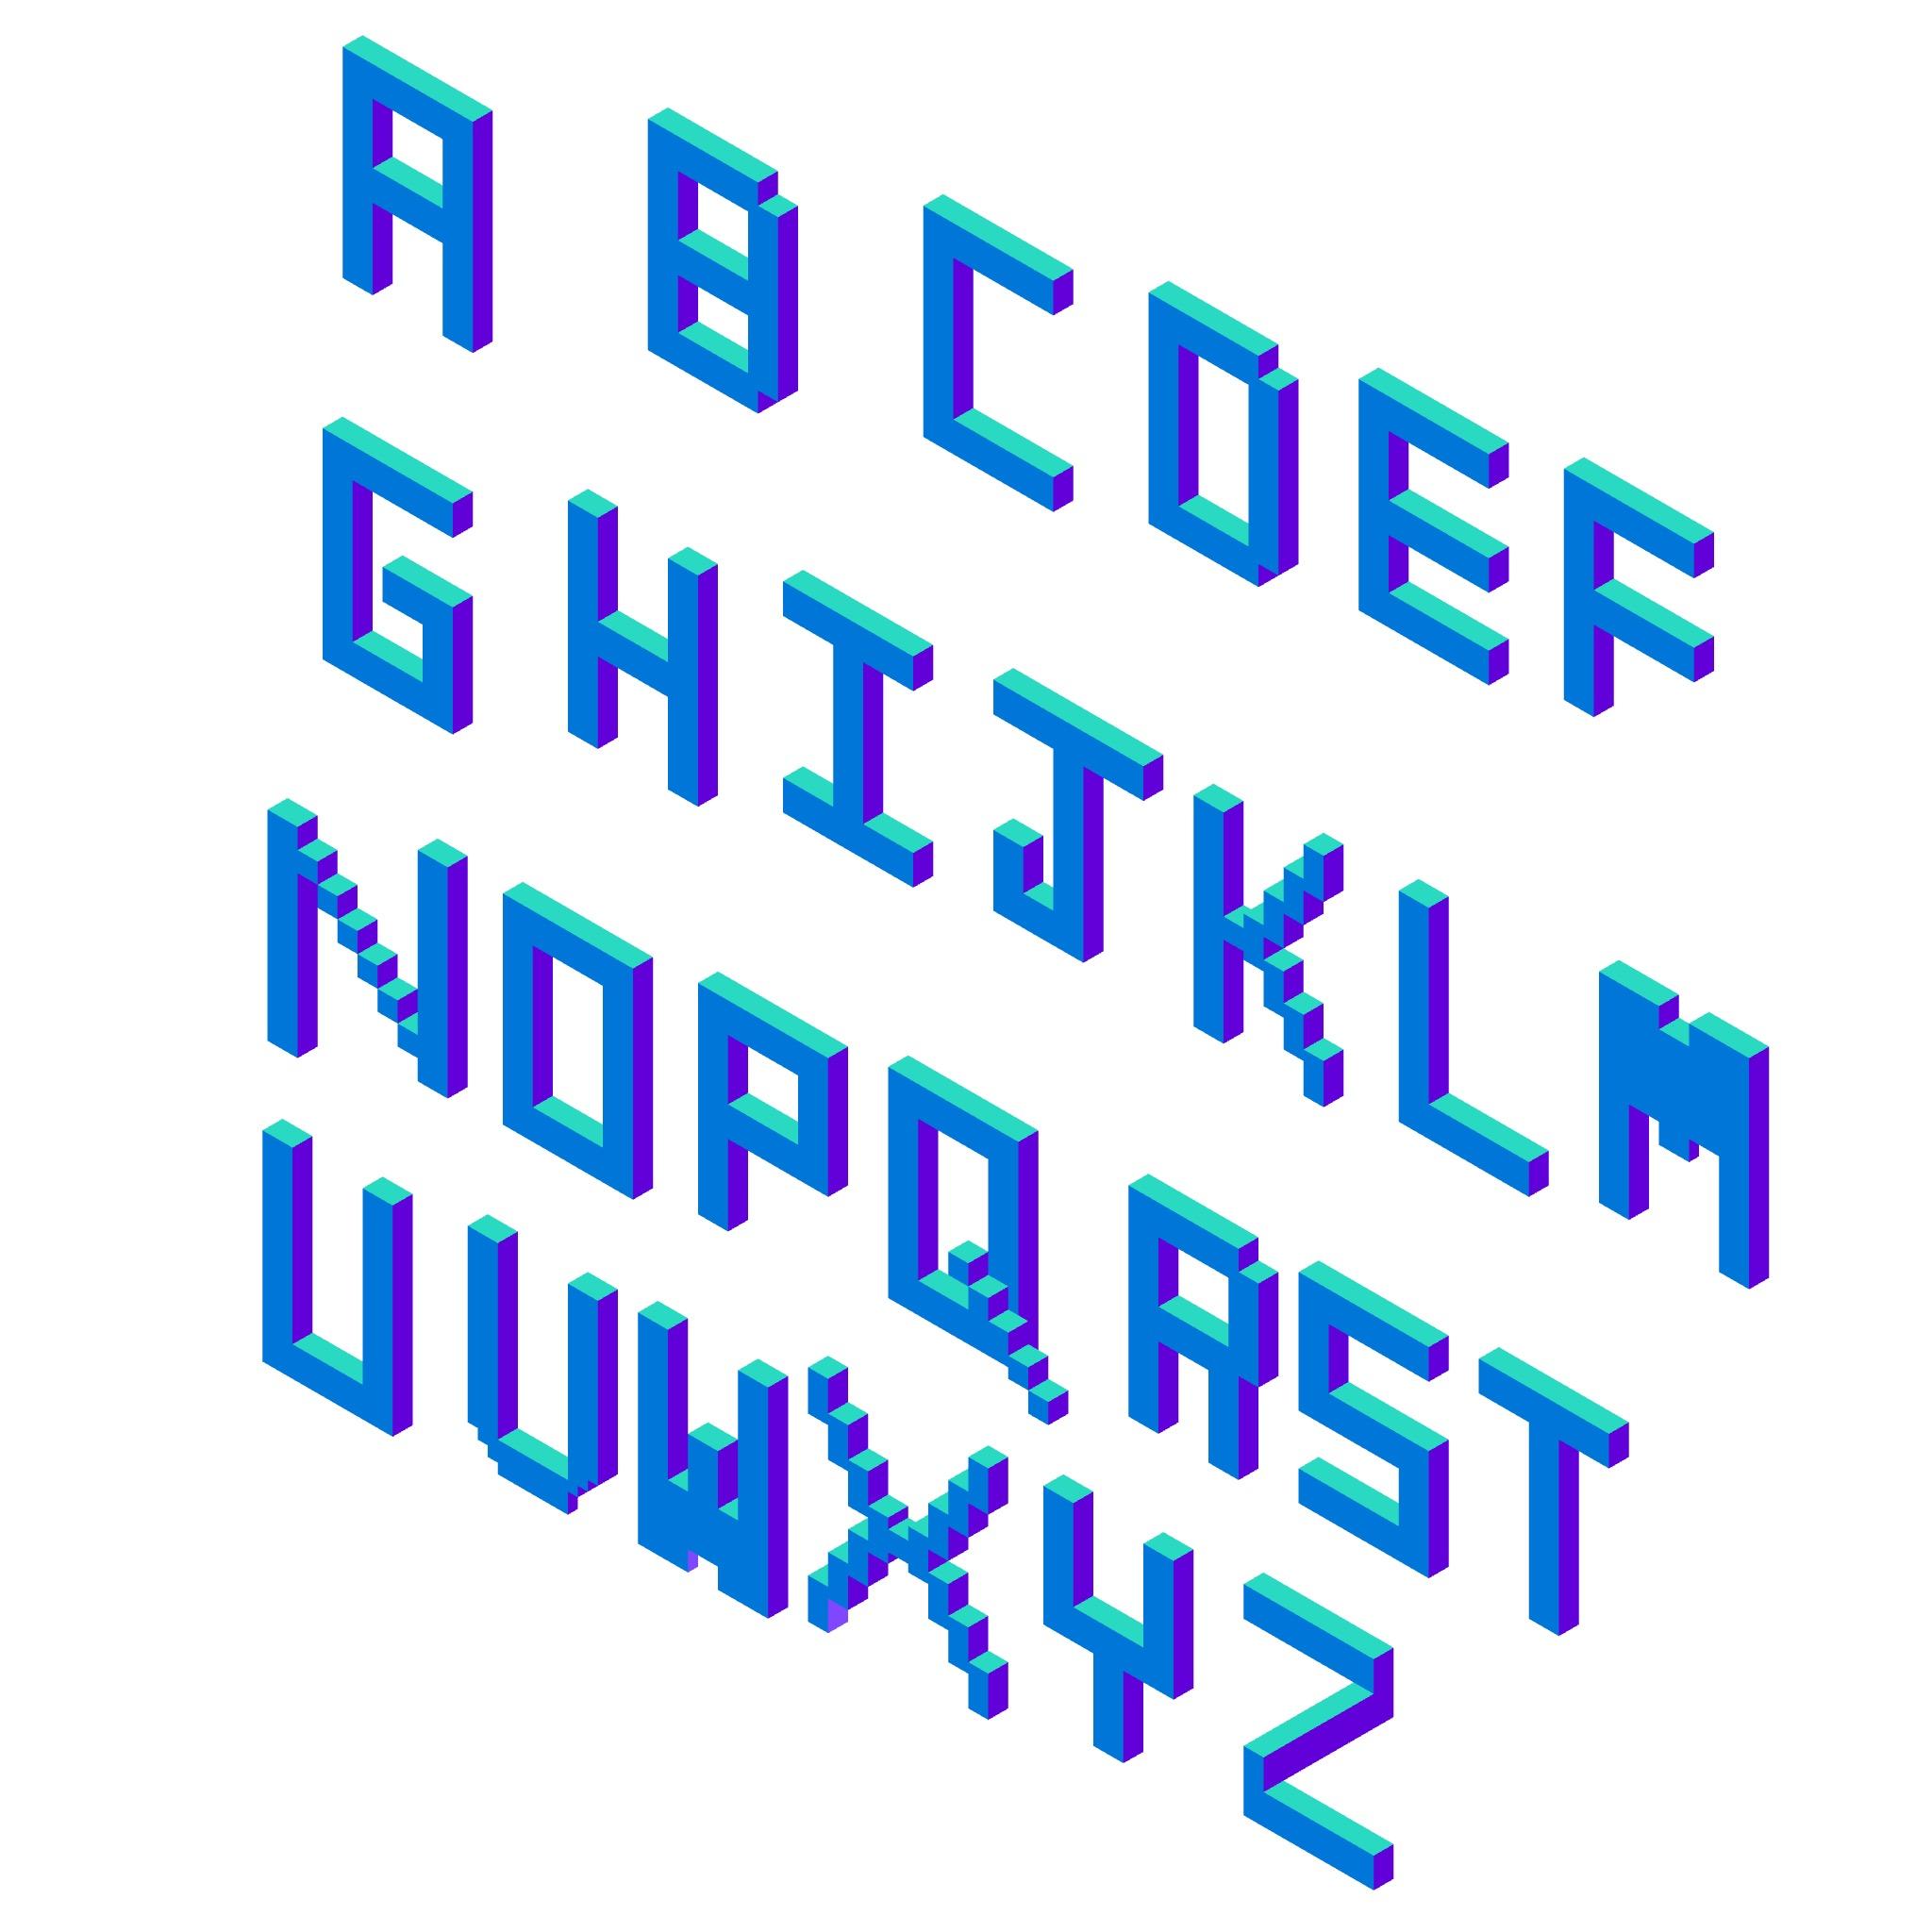 Alphabet created in  Isometric